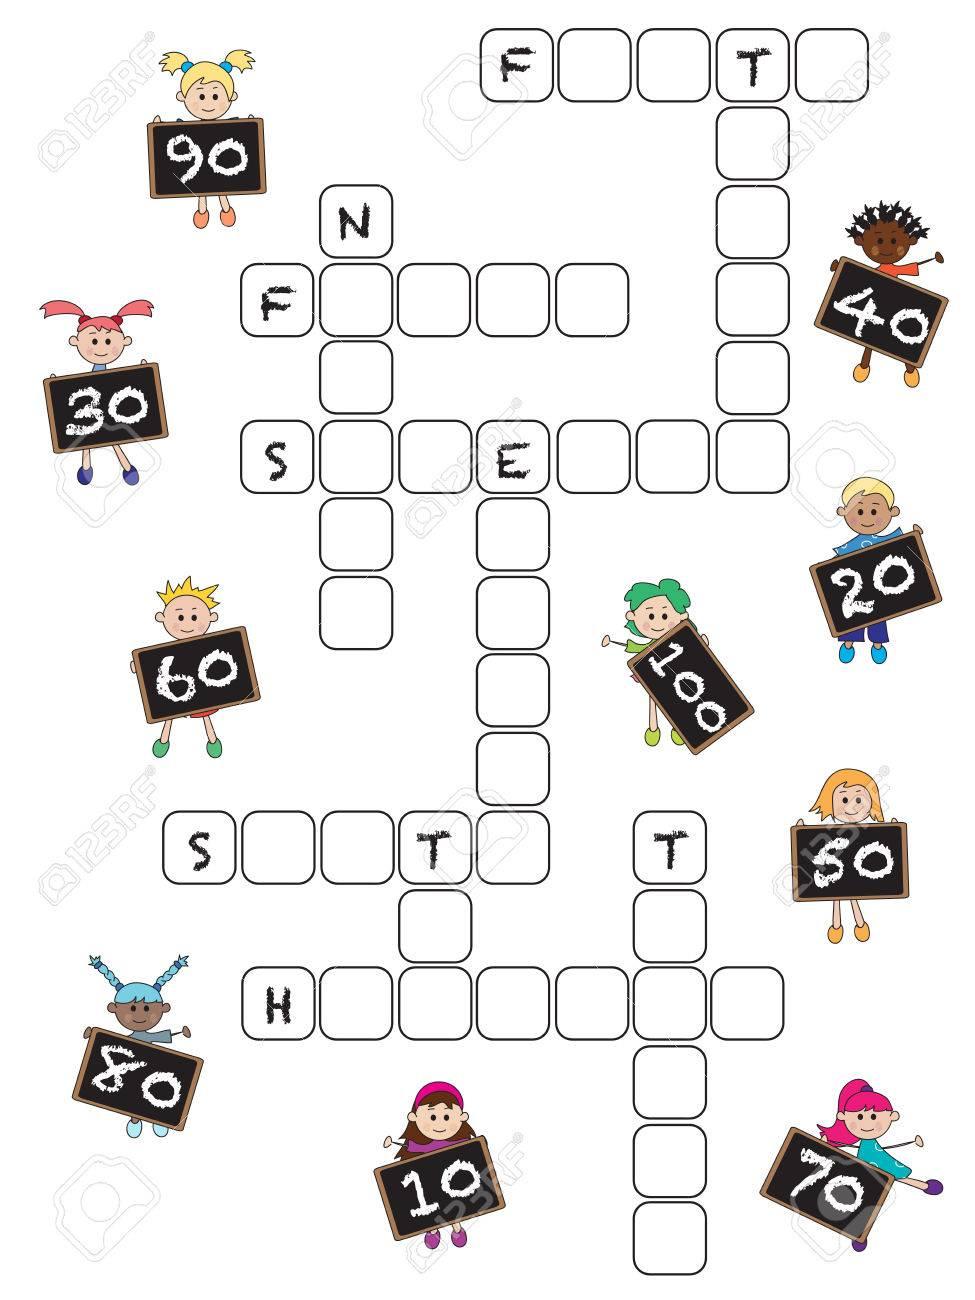 Jeux Pour Les Enfants: Mots Croisés Avec Des Nombres De Dix À Cent pour Mots Croisés Avec Image